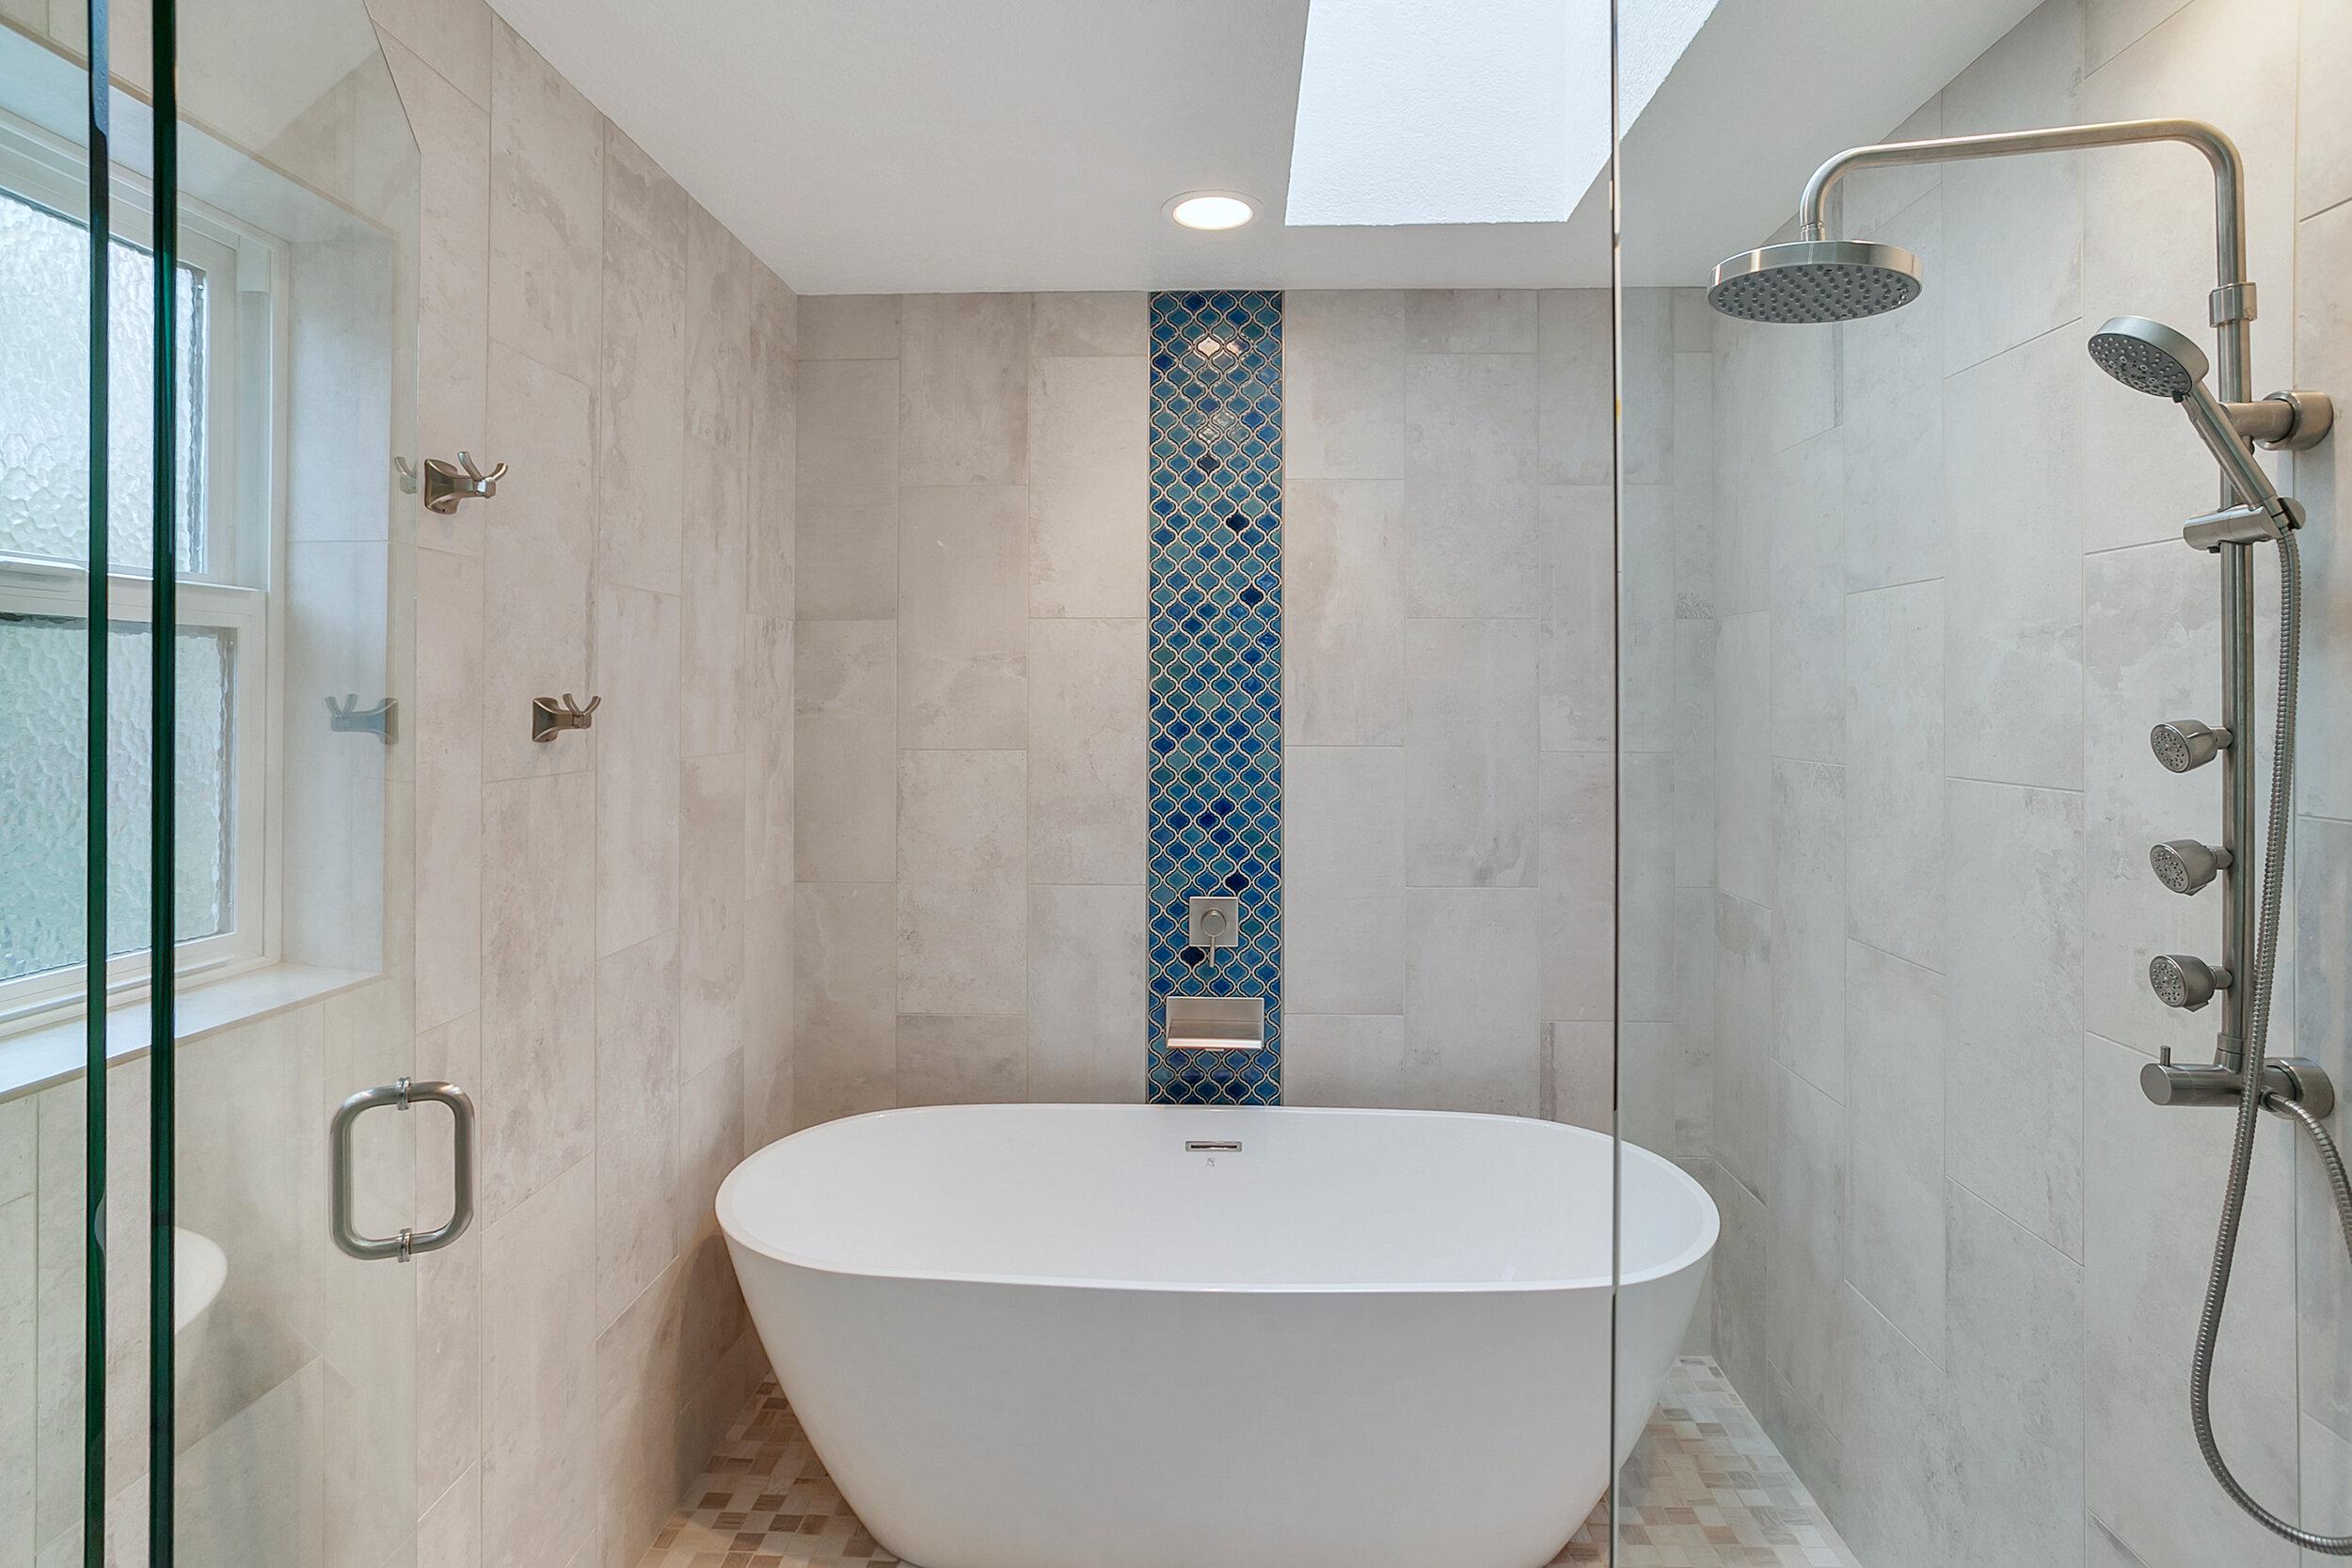 BATHROOM REMODEL BY ARTISTIC KITCHEN & BATH